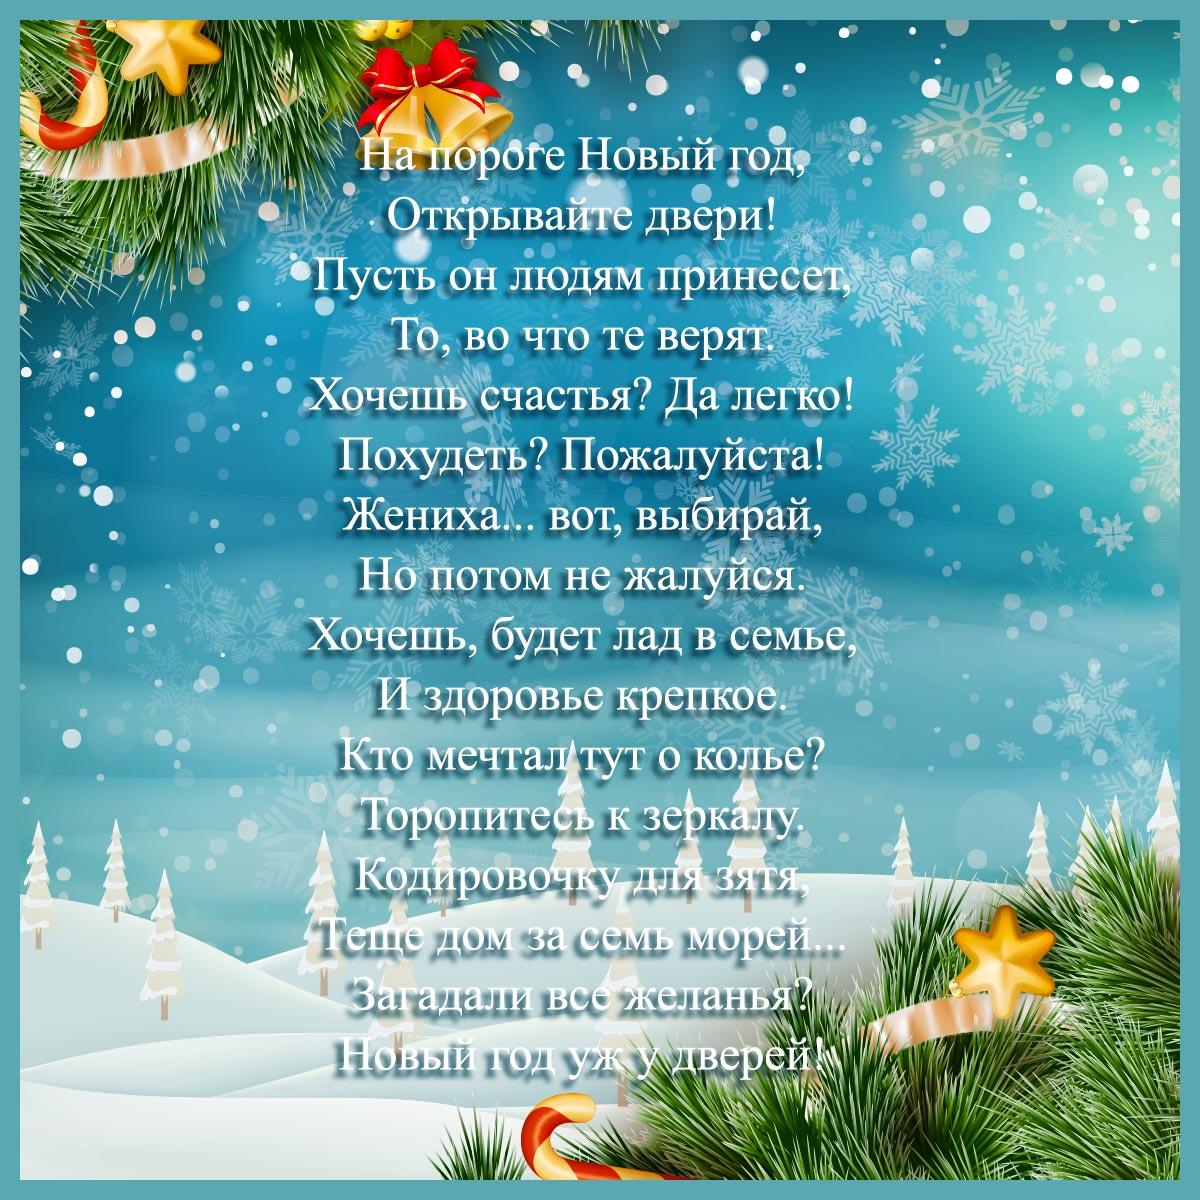 Картинка с с текстом - смешные поздравления с новым годом в стихах на фоне неба со снежинками и еловых веток с рождественскими украшениями.